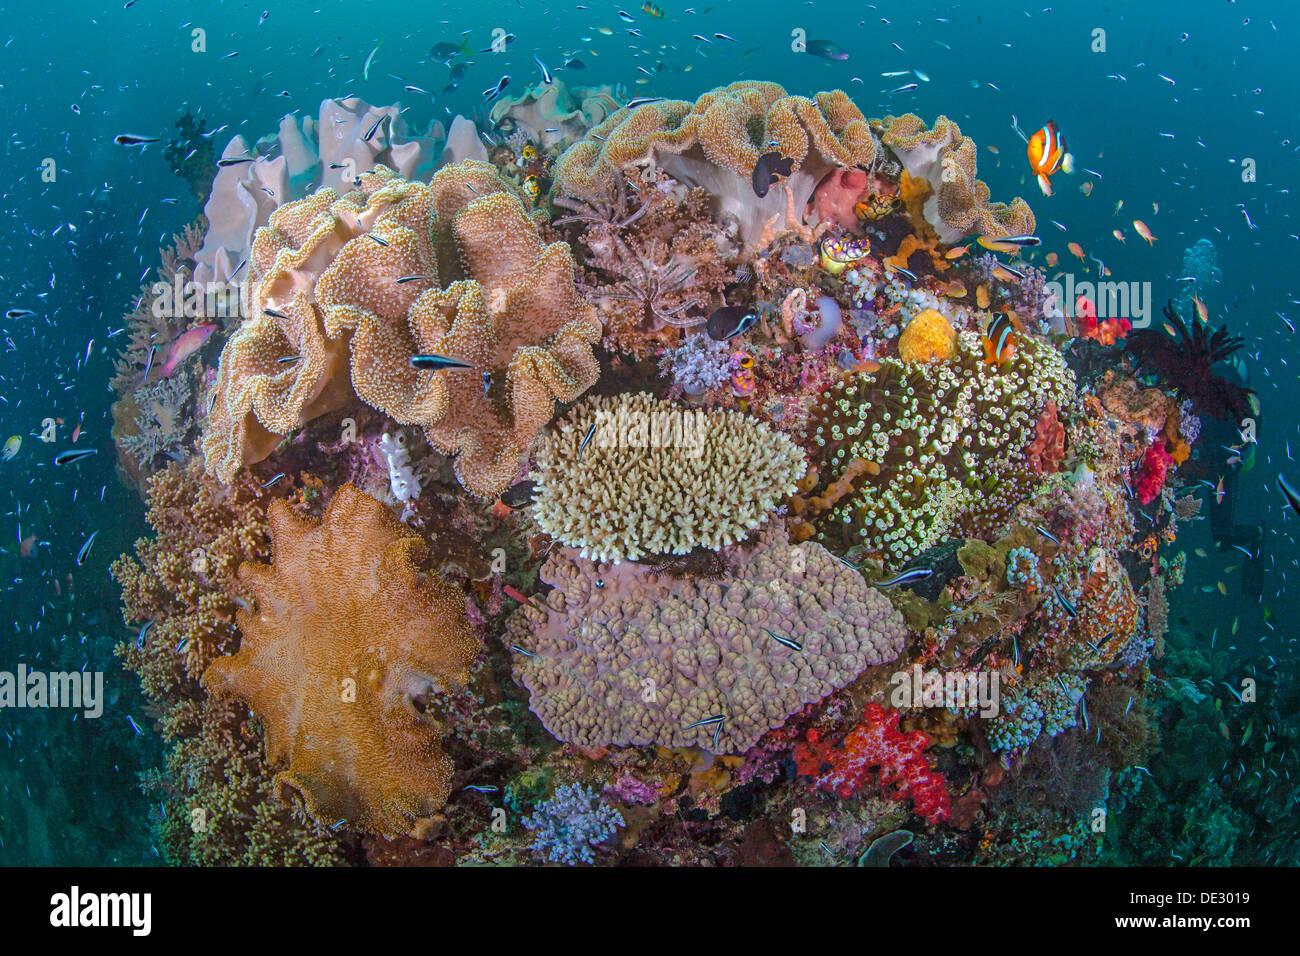 Vibrante barriera corallina con la diversità di vita marina. Raja Ampat, Indonesia Immagini Stock